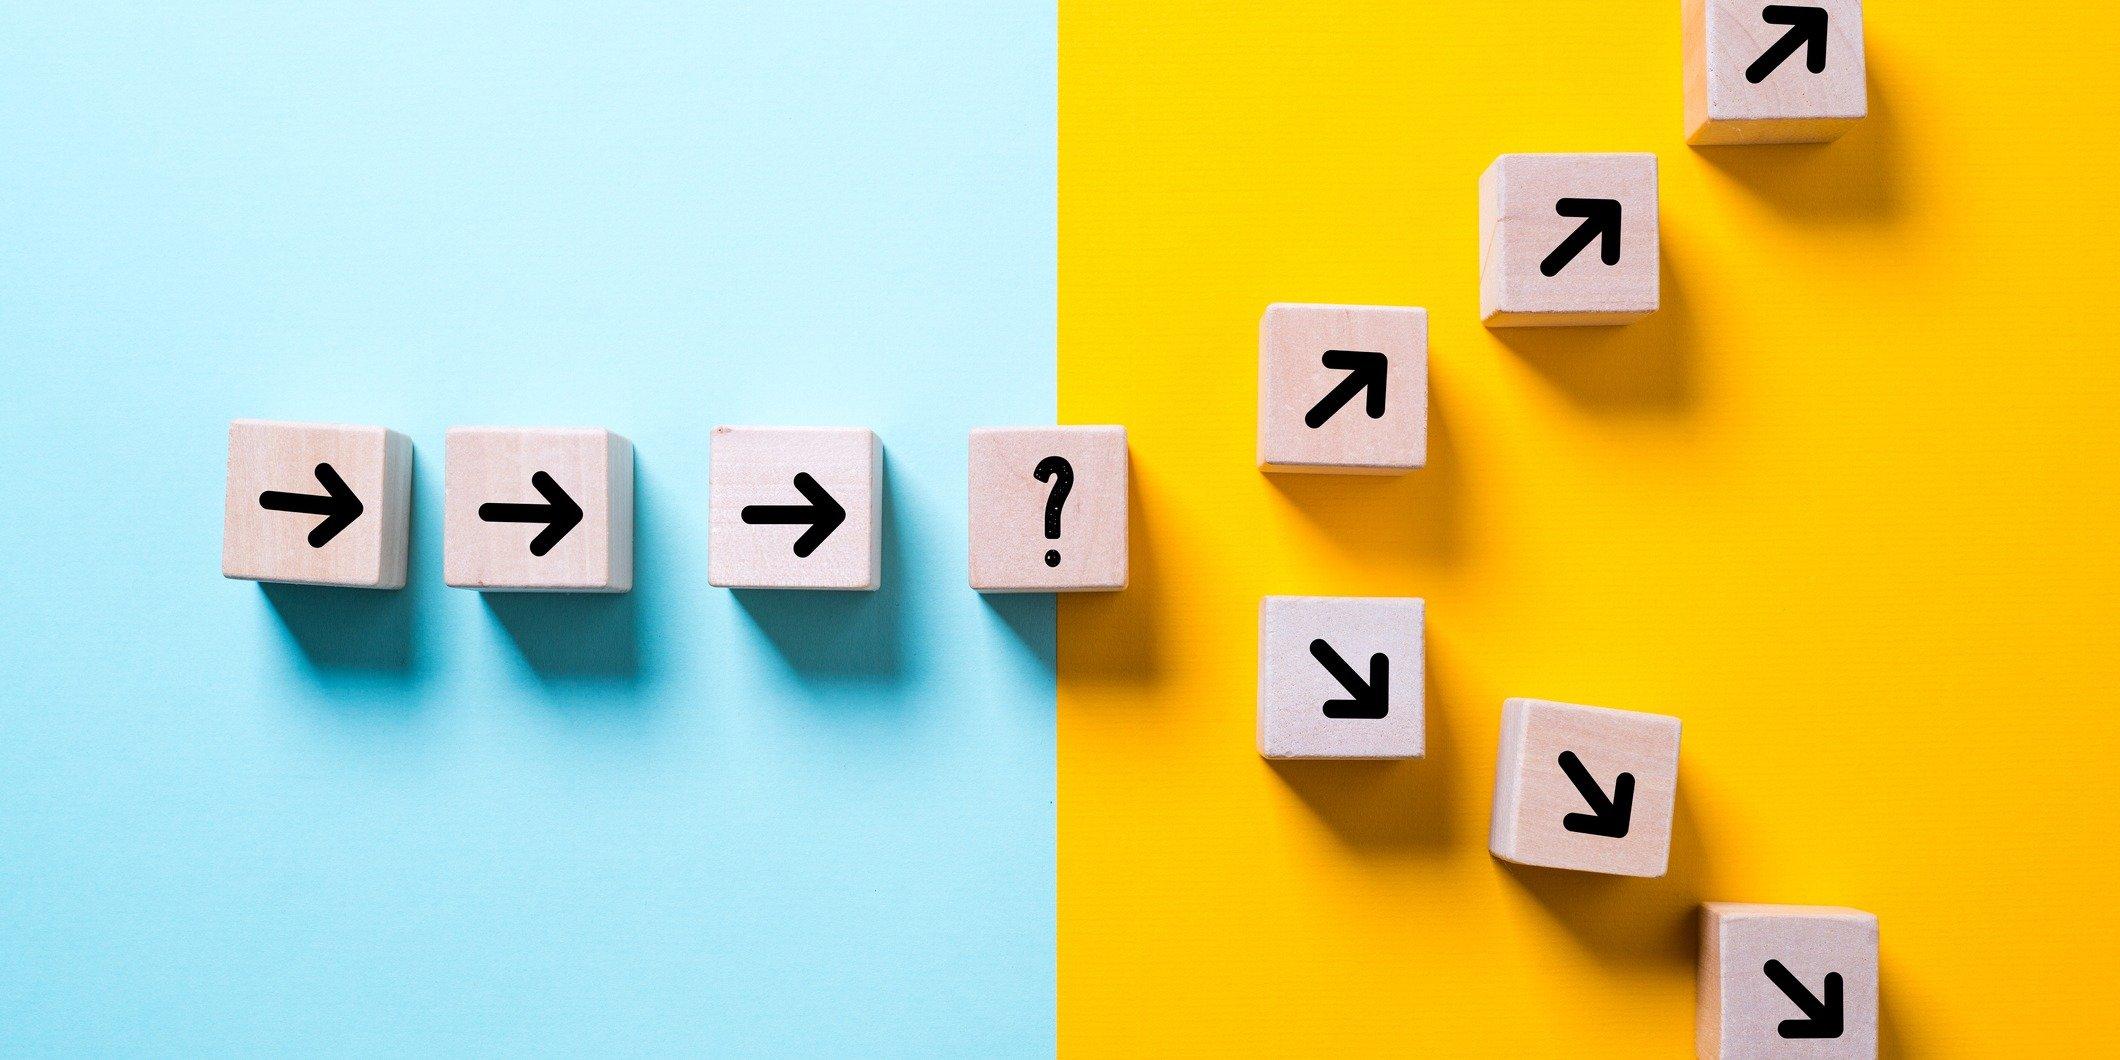 il processo decisionale in azienda: come prendere le decisioni migliori in azienda